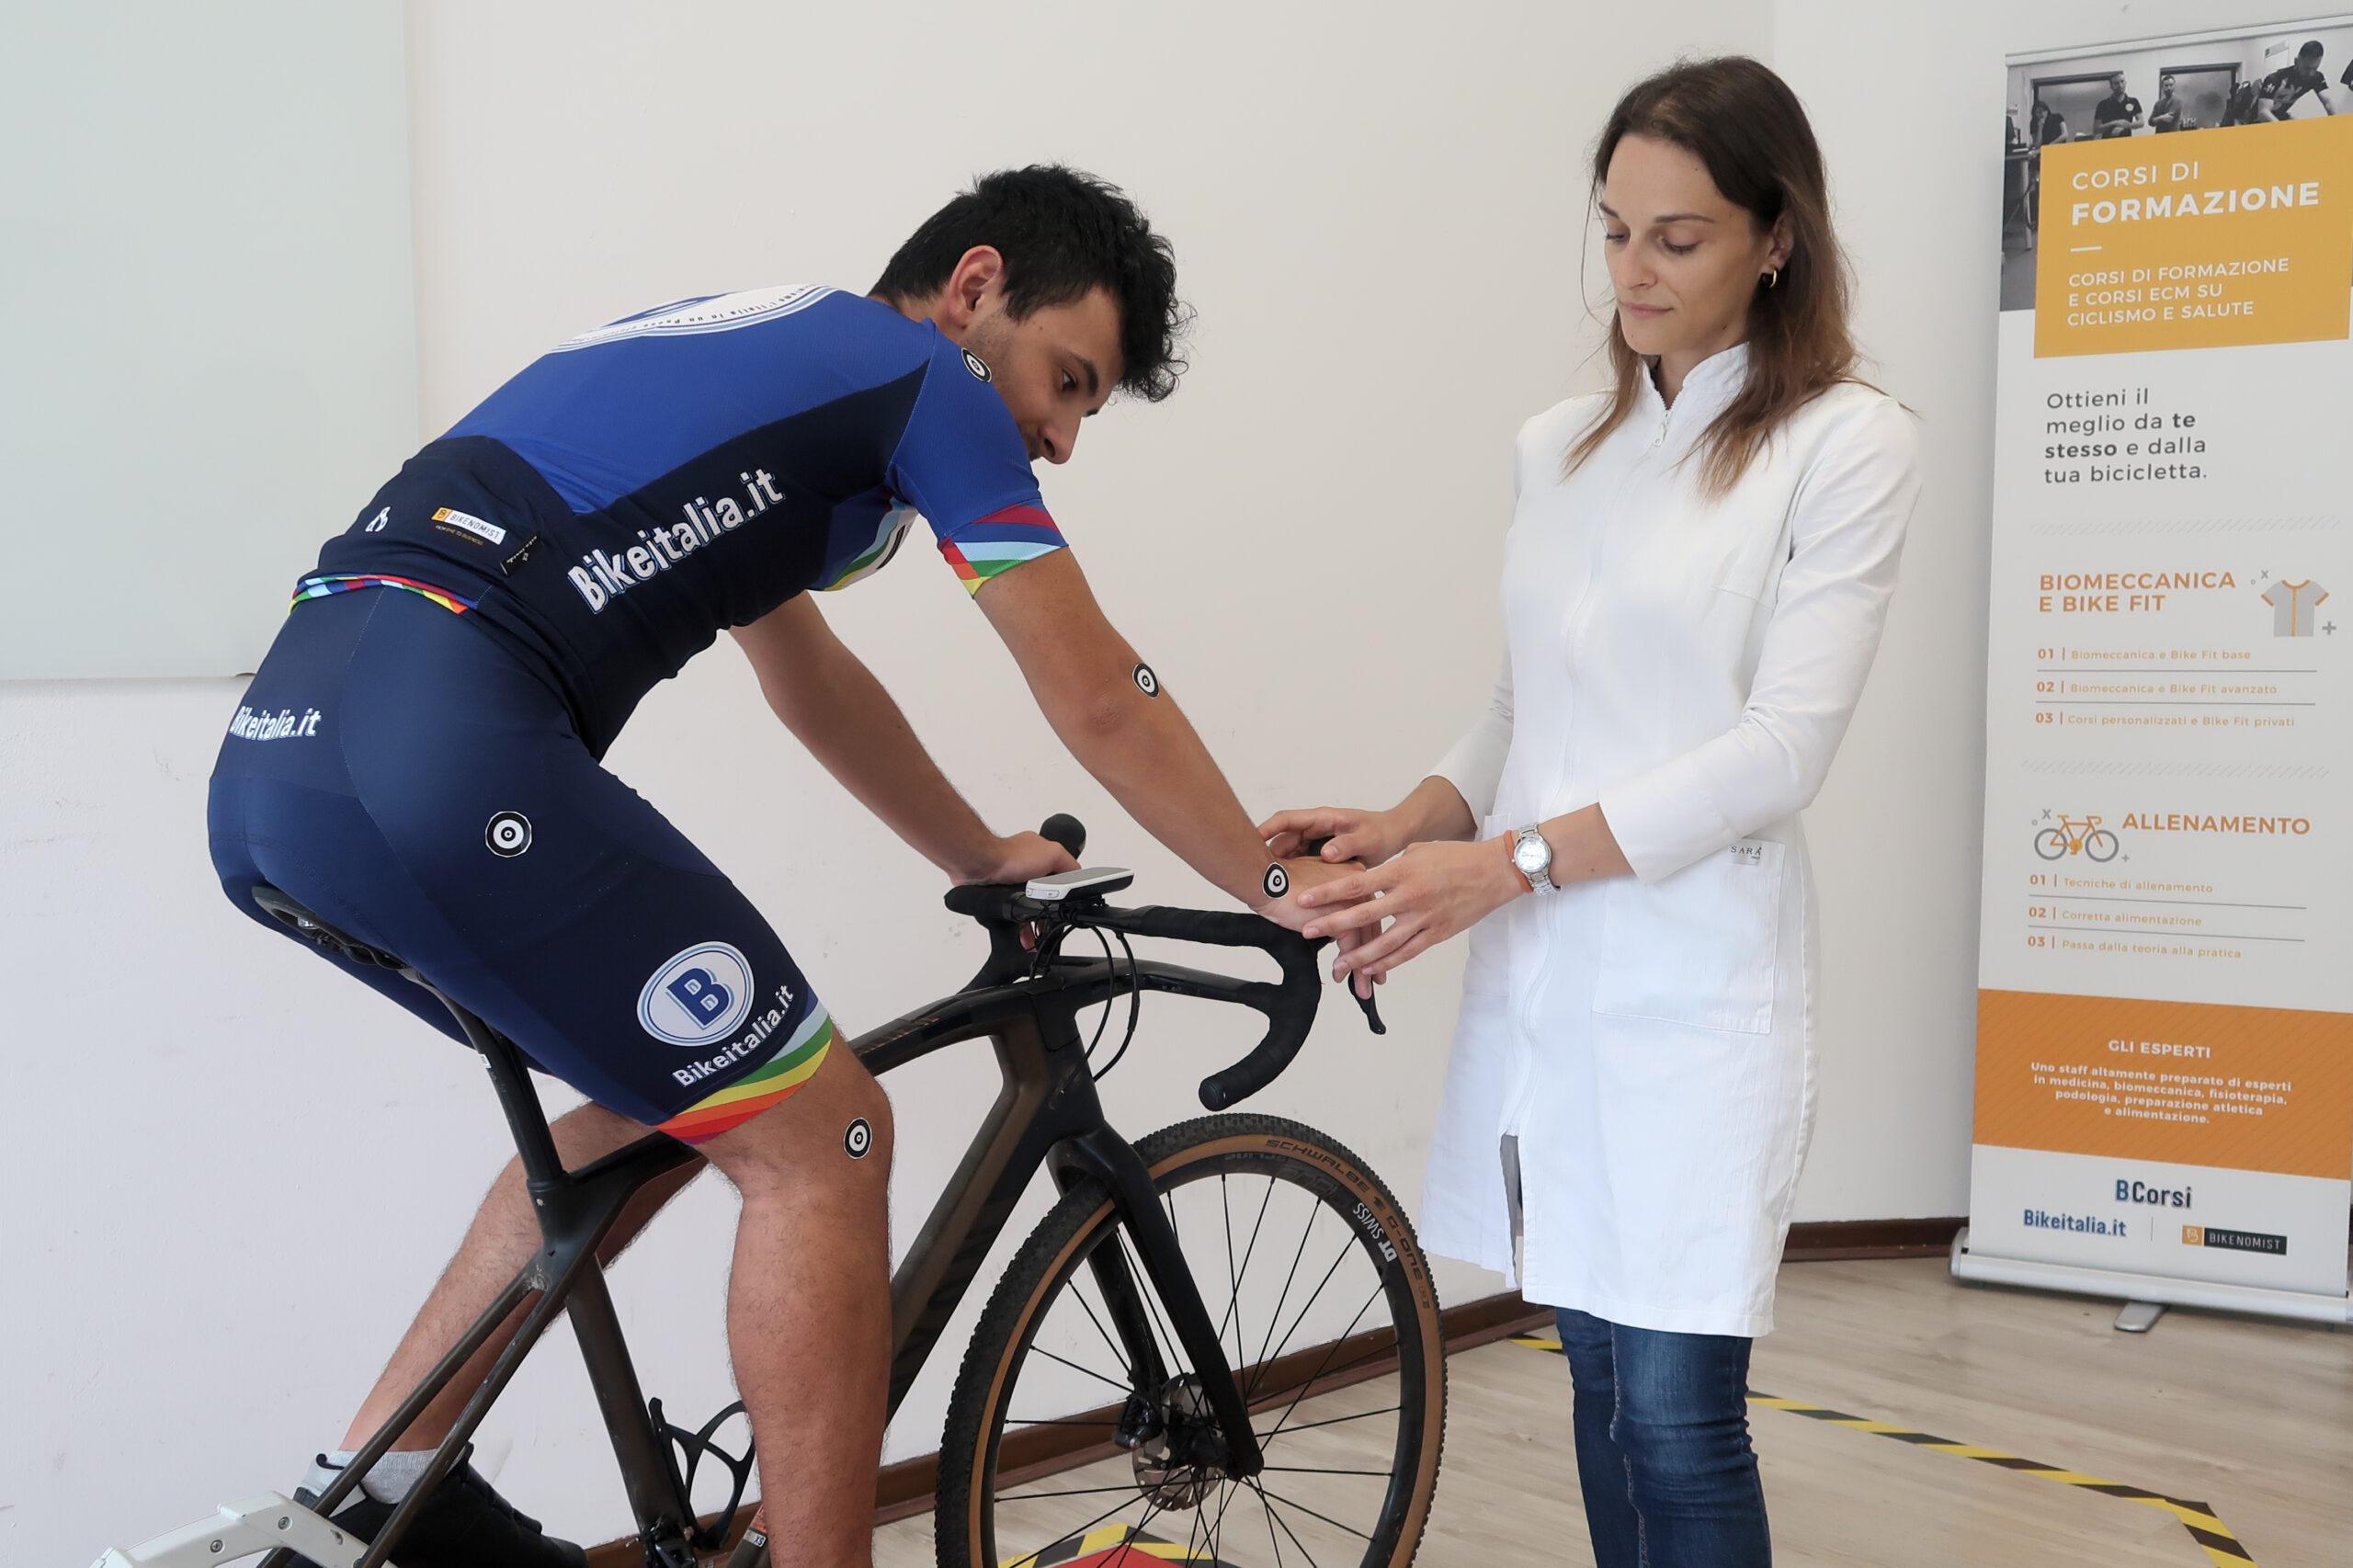 Posizione manubrio bicicletta